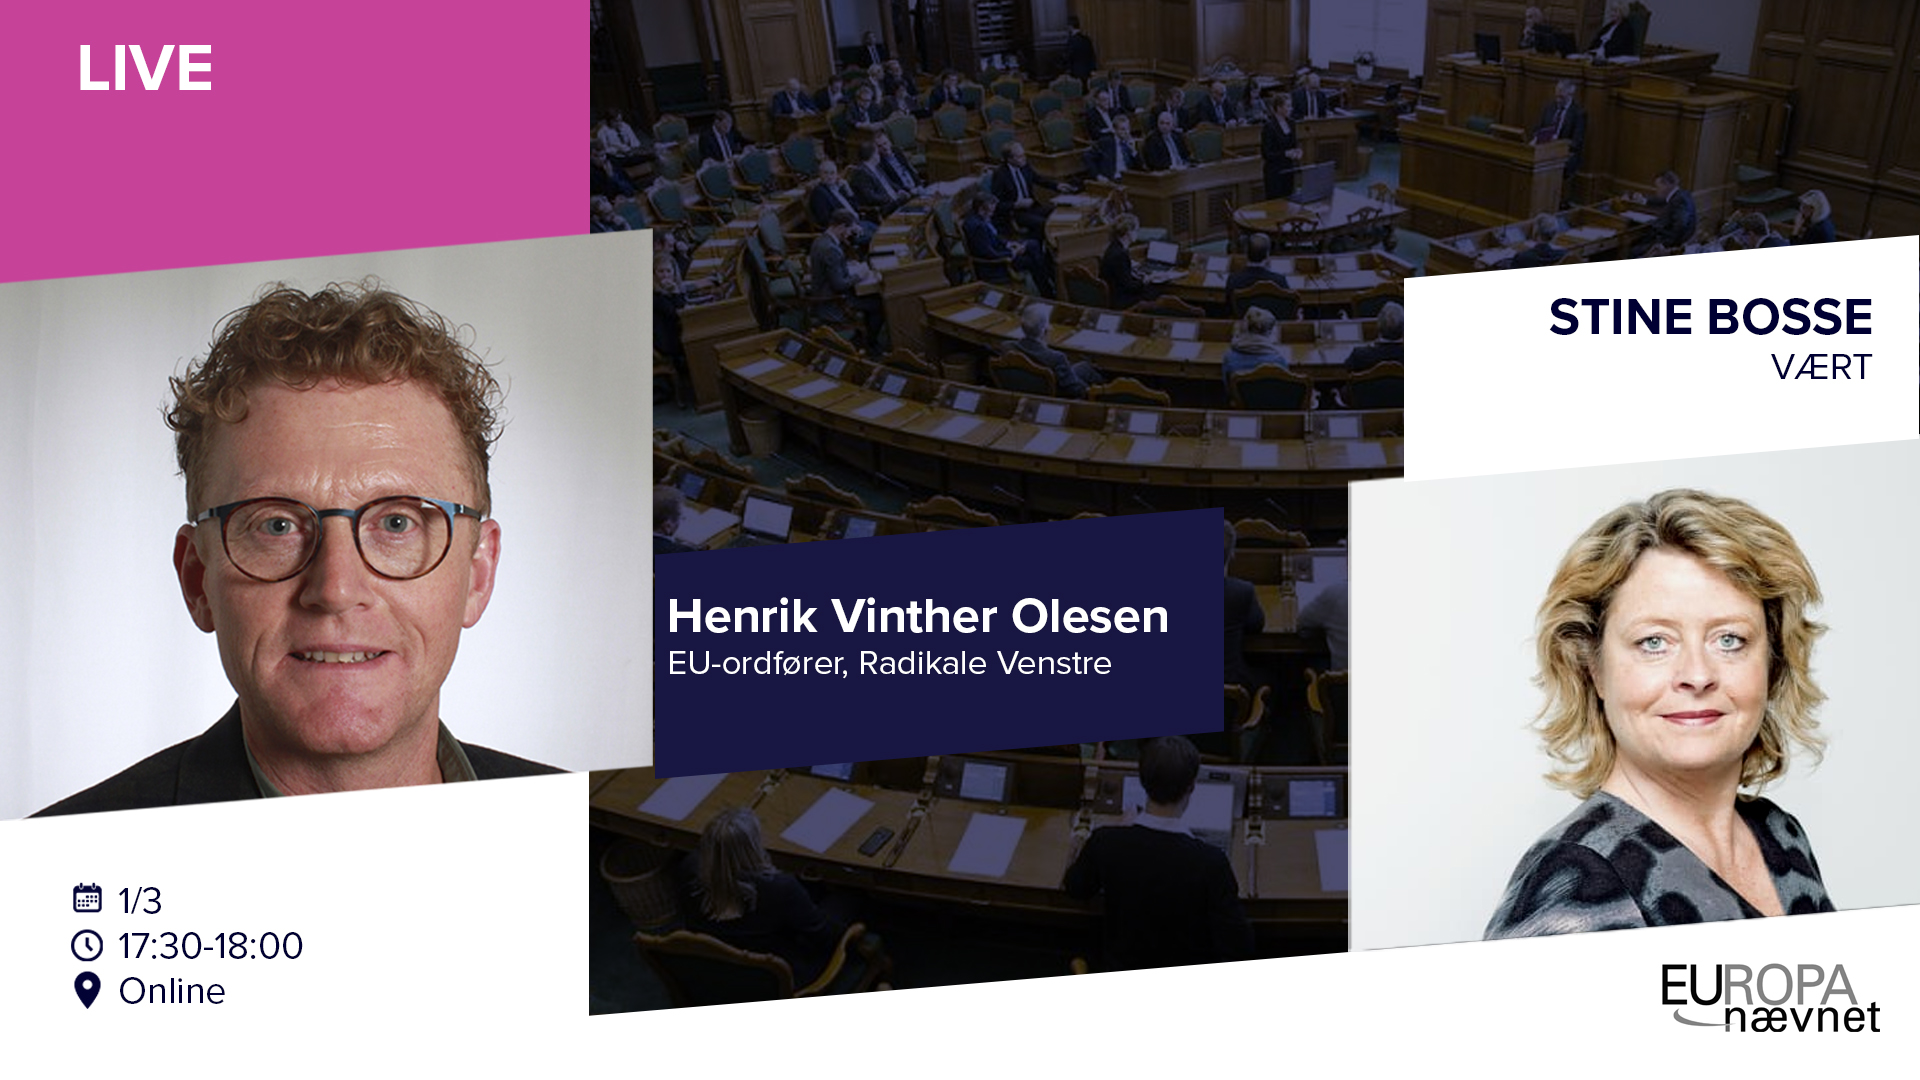 LIVE: STINE BOSSE OG HENRIK VINTHER OLESEN (RV)